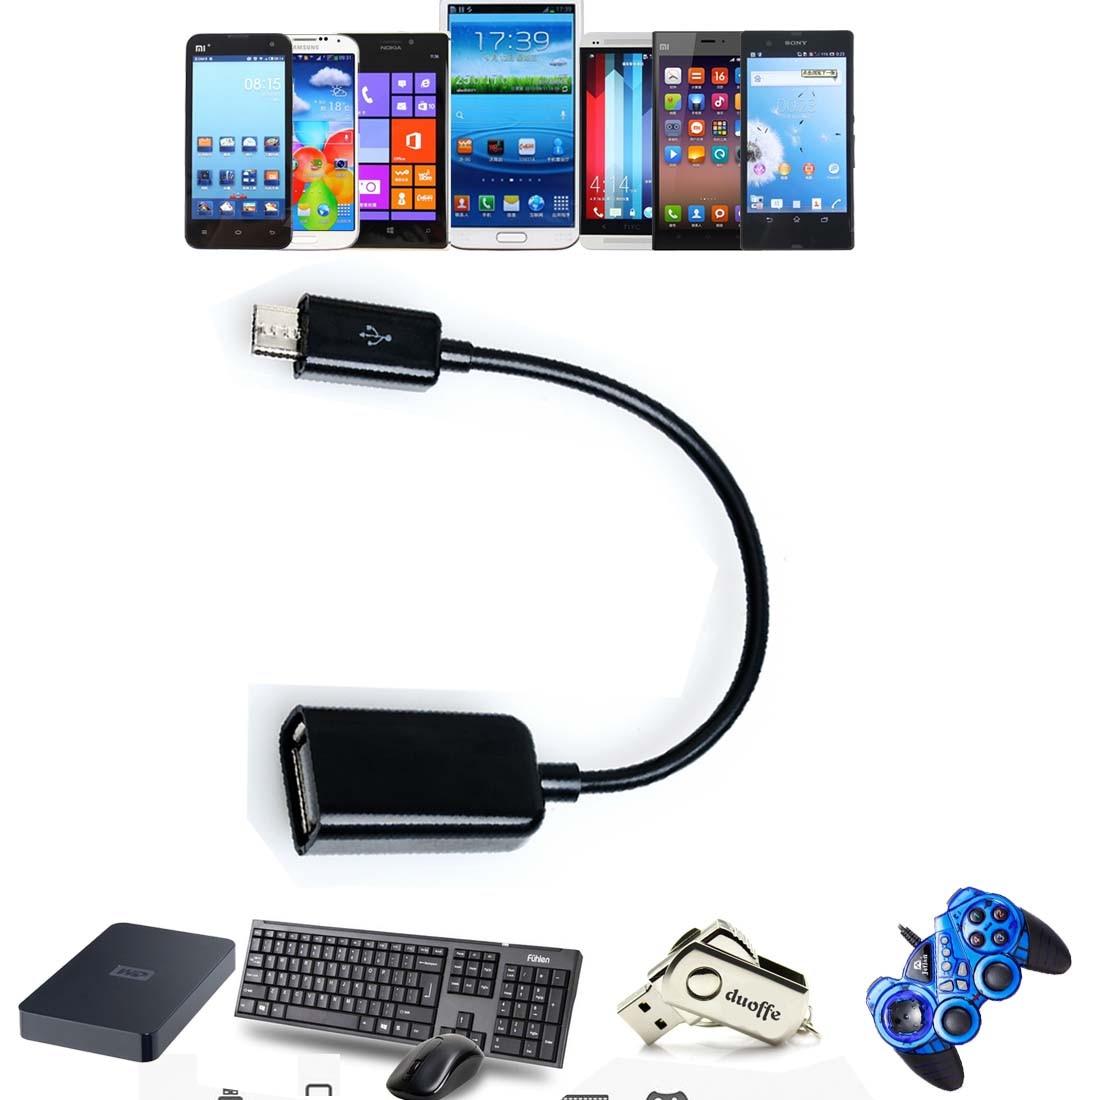 Adaptador USB 2,0 OTG Cable adaptador para Sophix Tab-1040G tableta Android adaptador...